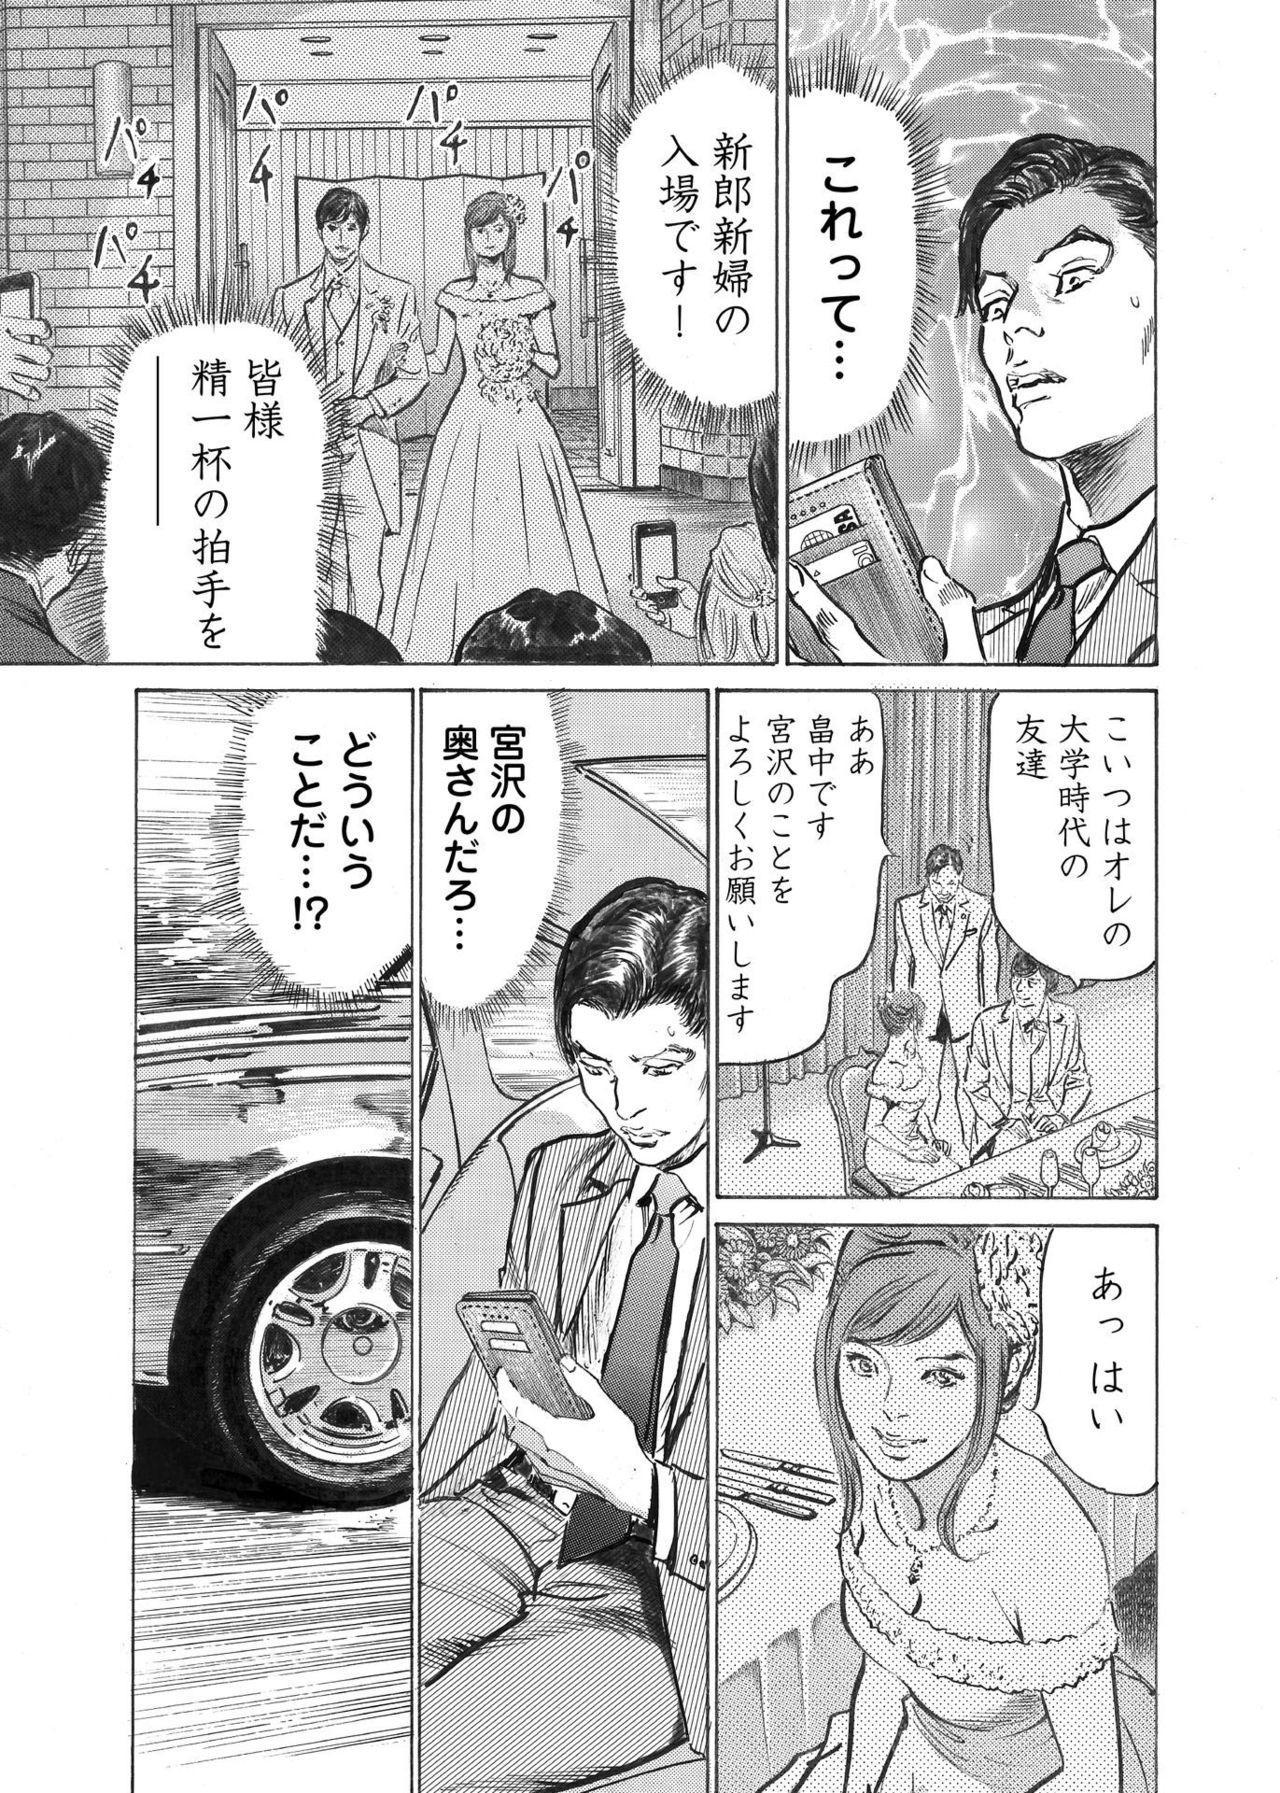 Ore wa Tsuma no Koto o Yoku Shiranai 1-9 153